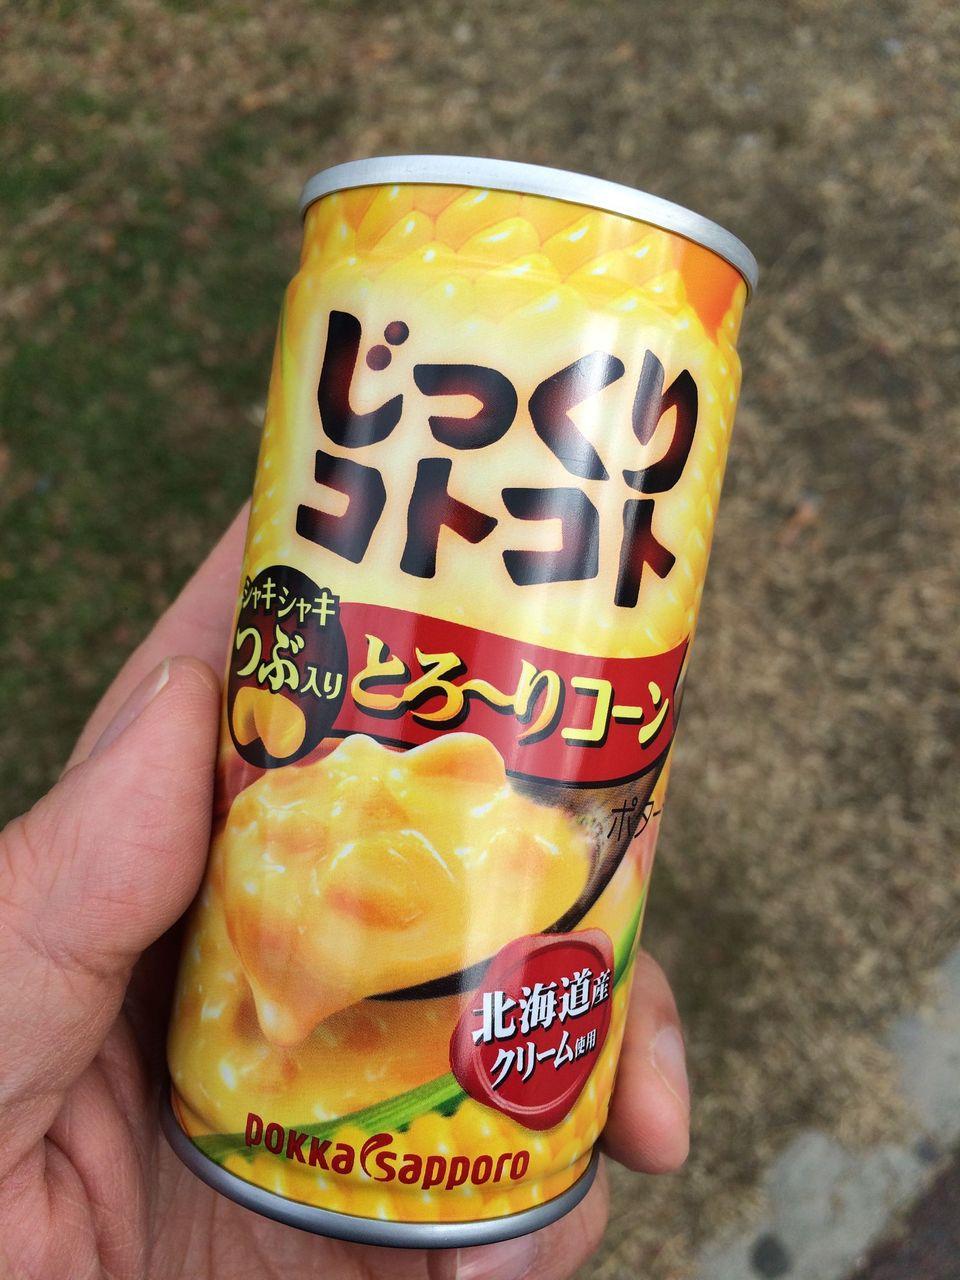 尾野真千子@ポッカサッポロ自動販売機広告-3